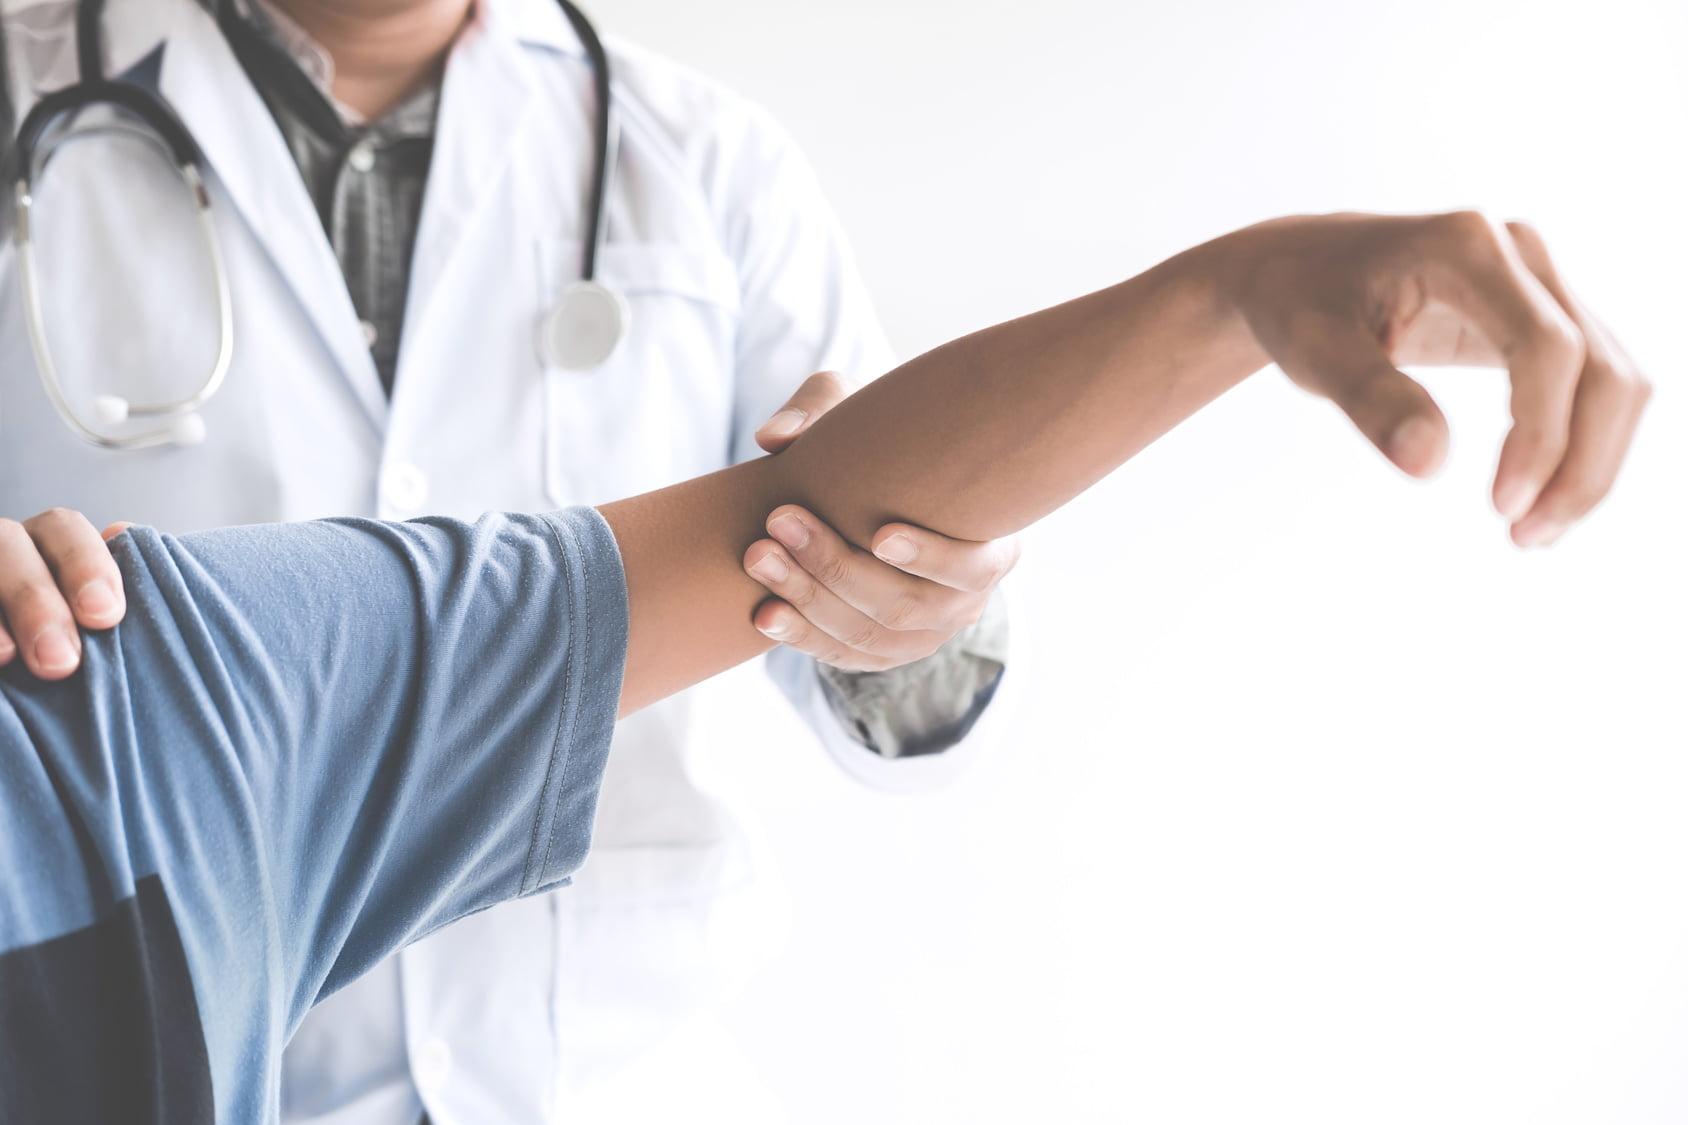 Stłuczenie mięśnia – jak je rozpoznać, reagować i leczyć?